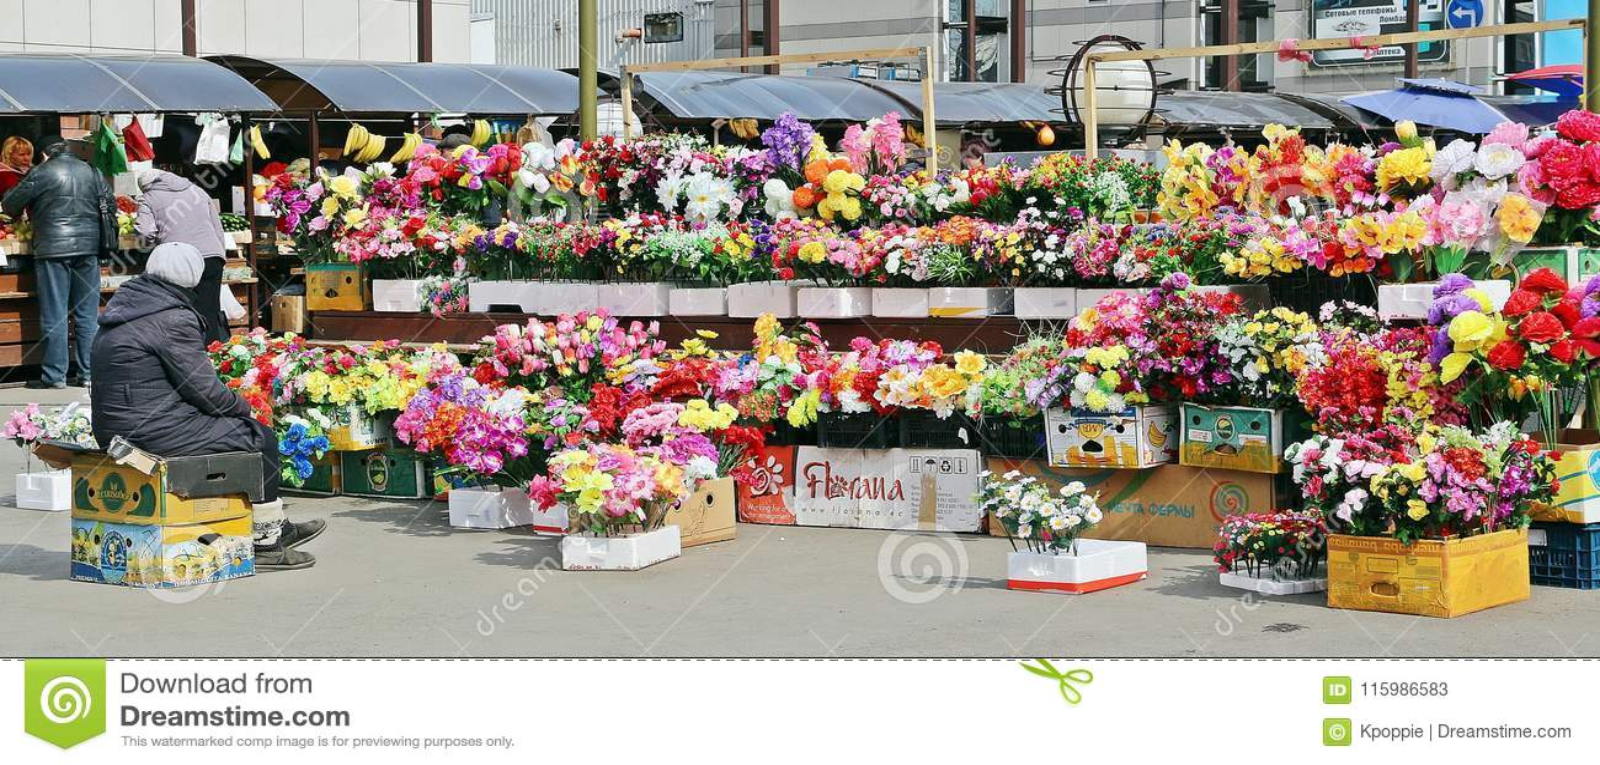 Konstgjord blomsterhandel